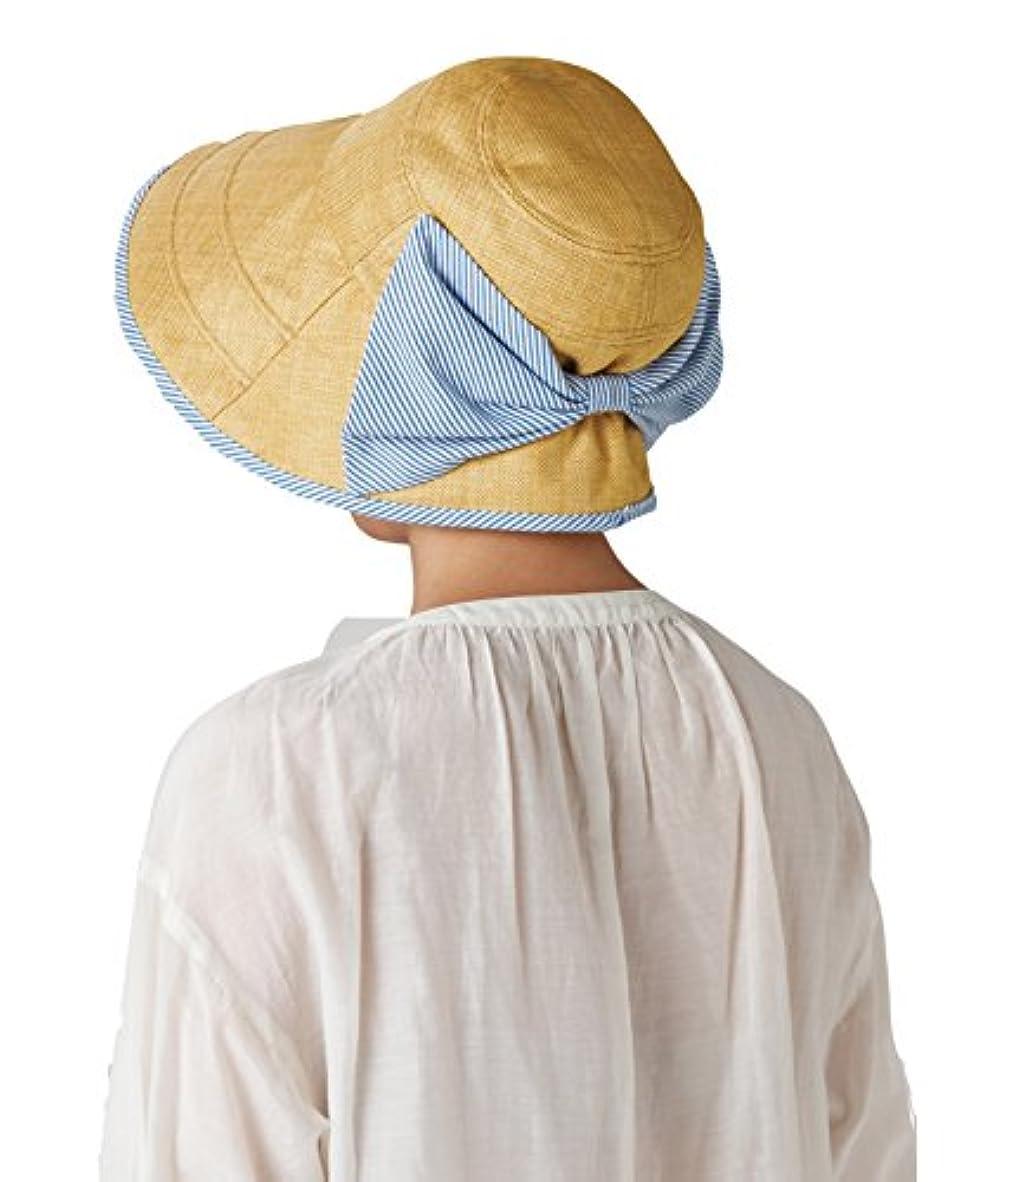 資本走る挑発するセルヴァン 大きなリボンのつば広日よけ帽子 ベージュ